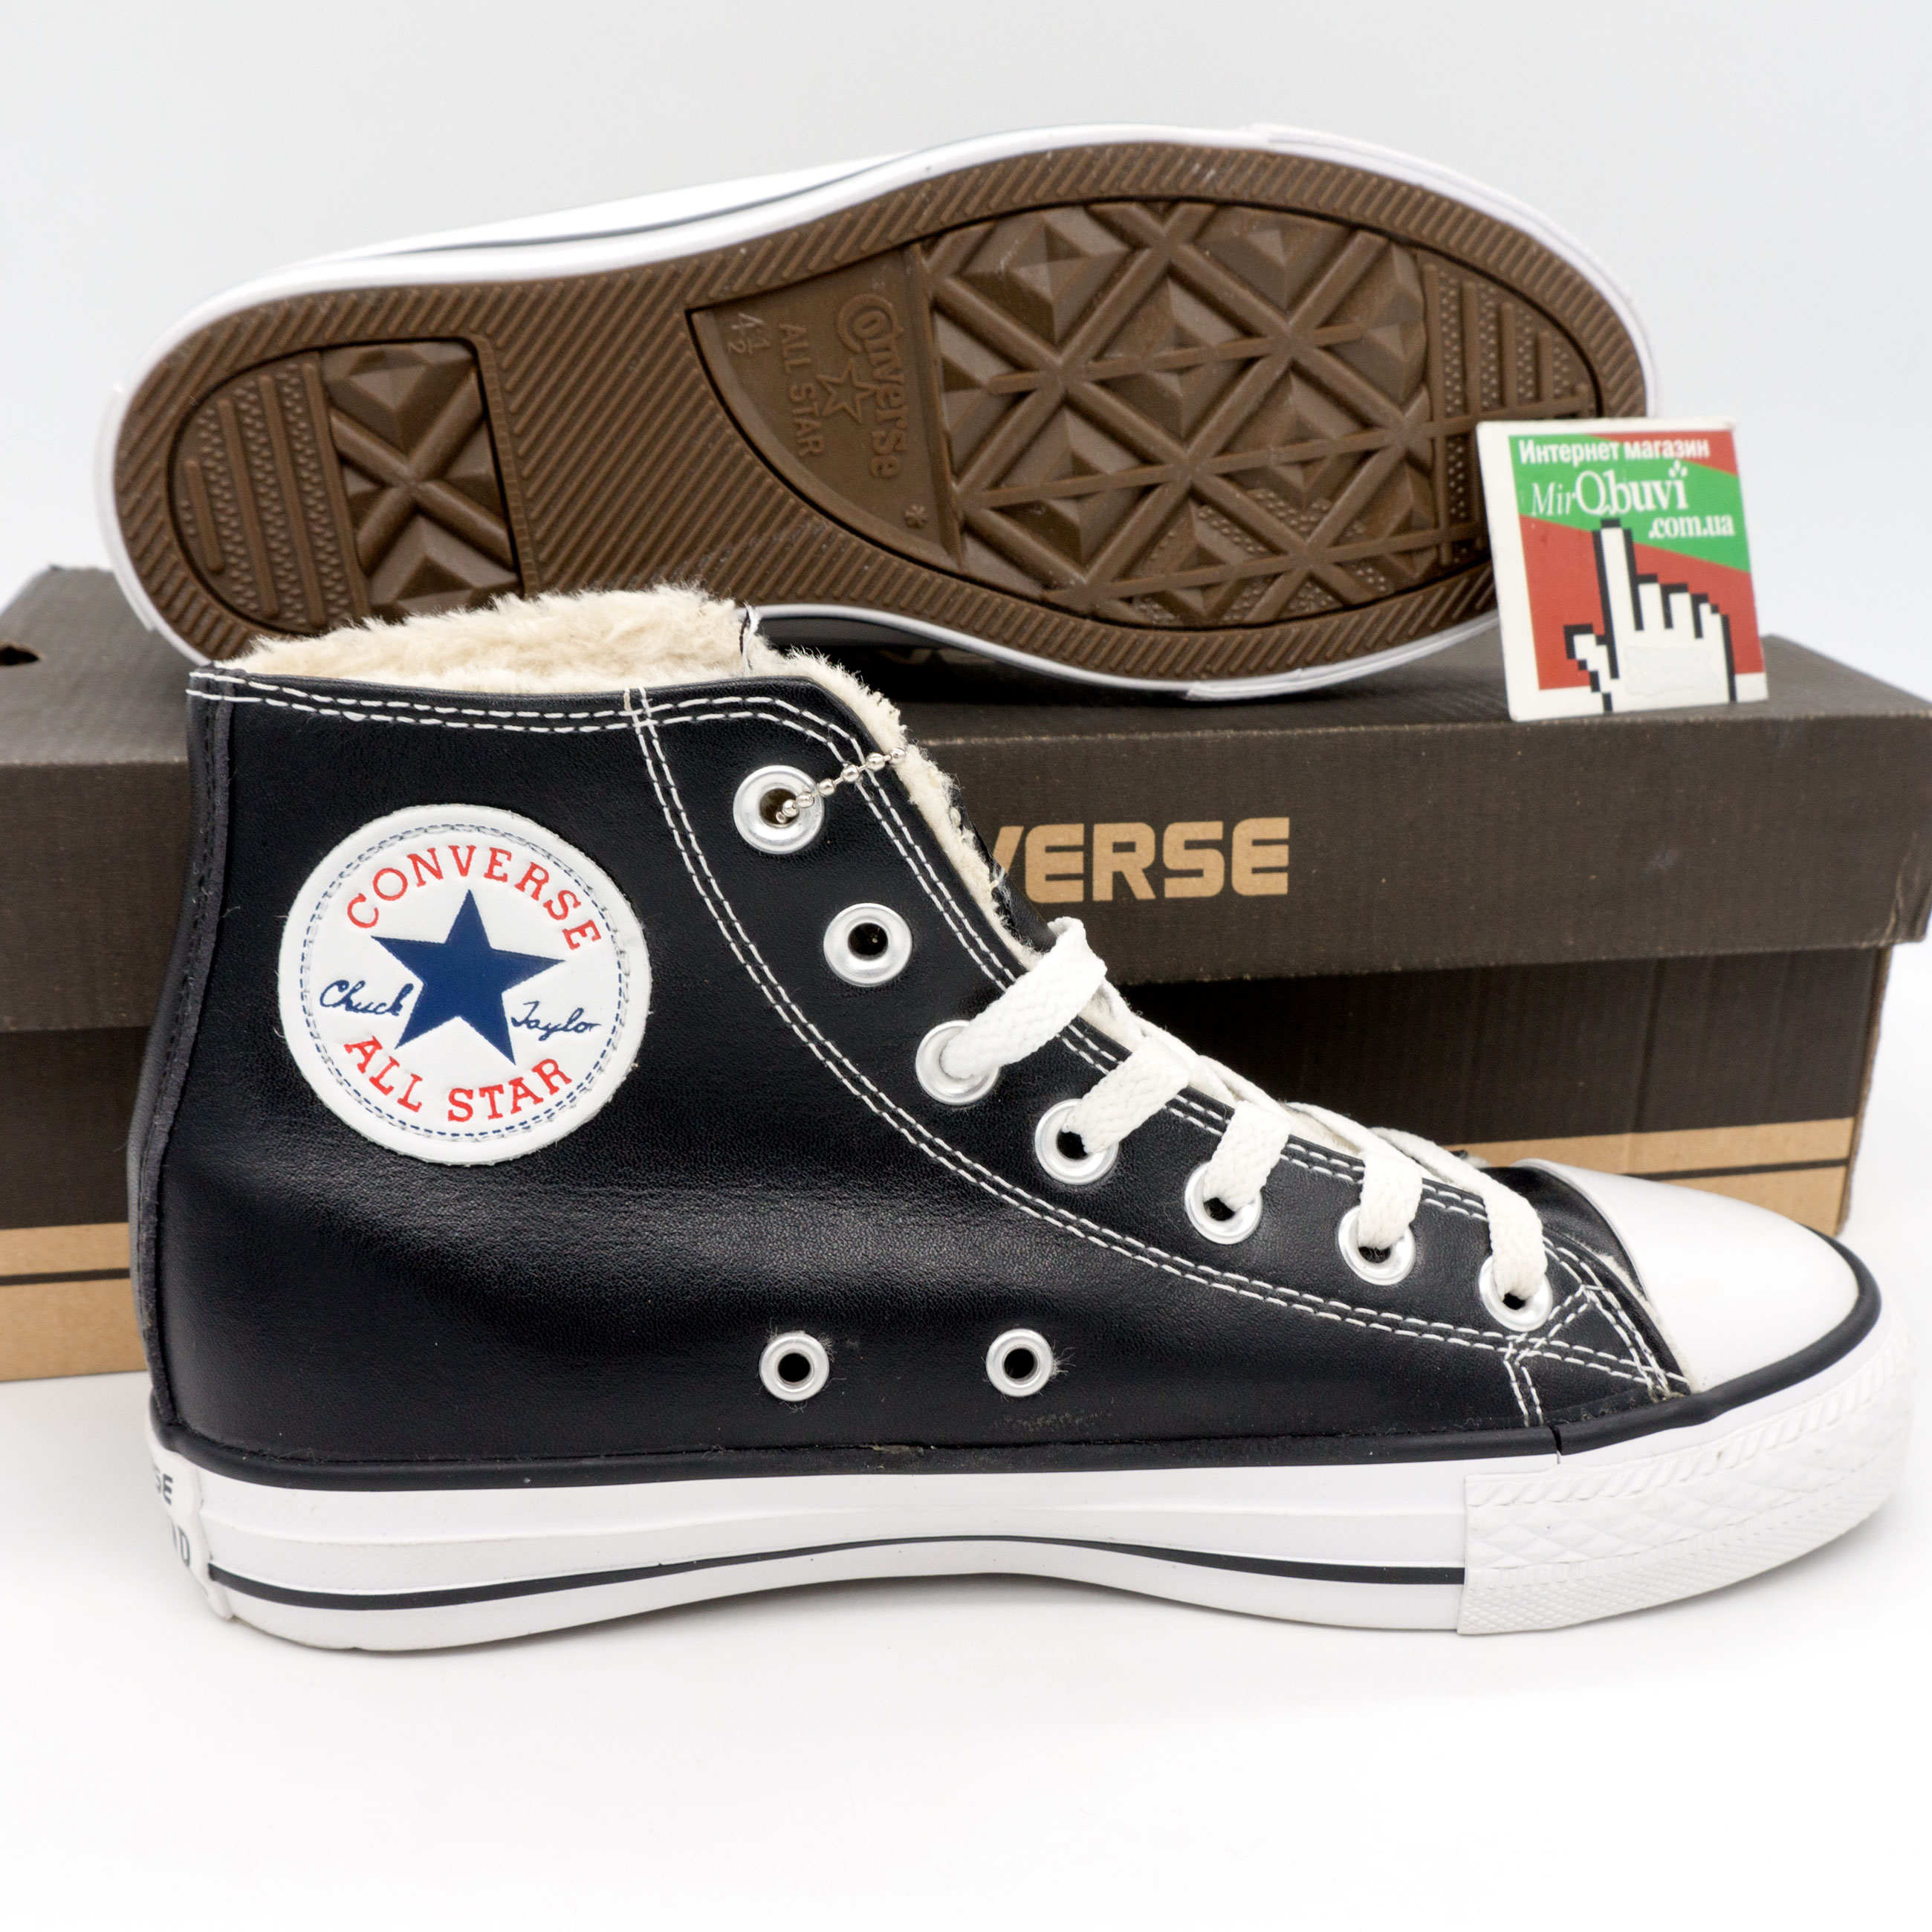 фото bottom Зимние Converse высокие черные - Топ качество! bottom